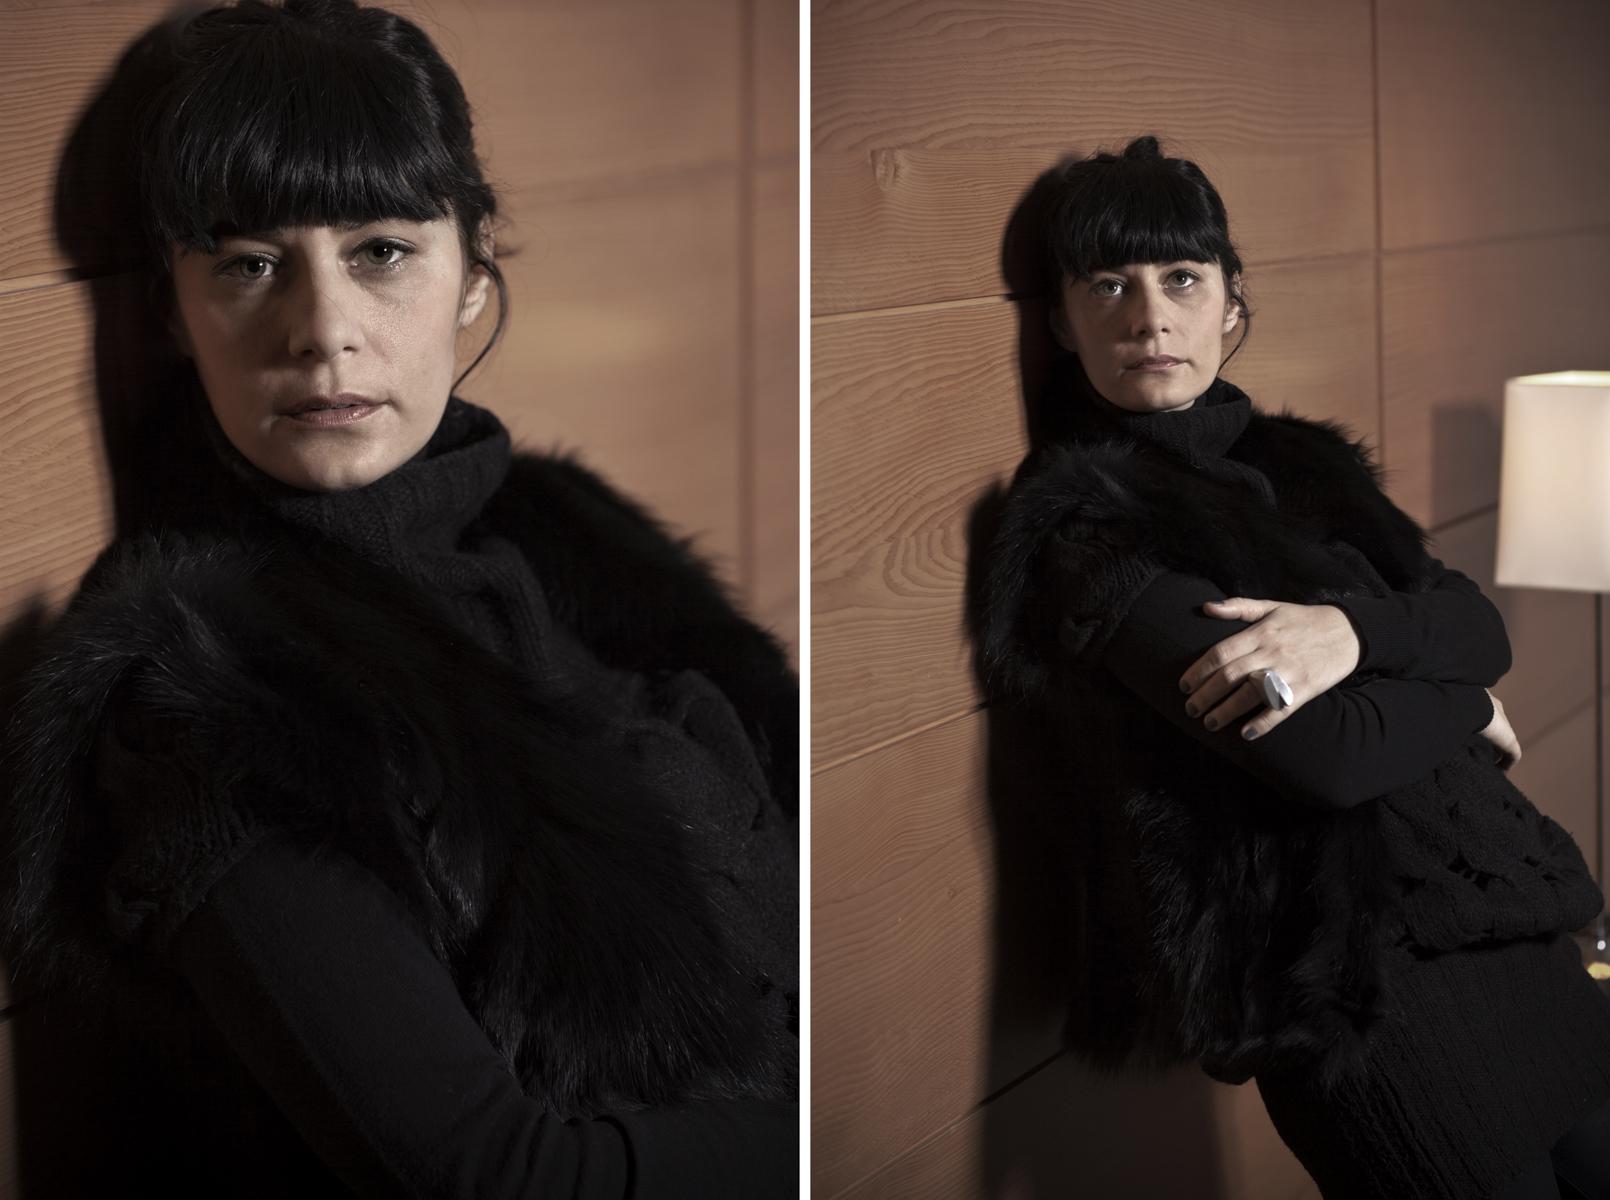 labina mitevska, berlin 2012